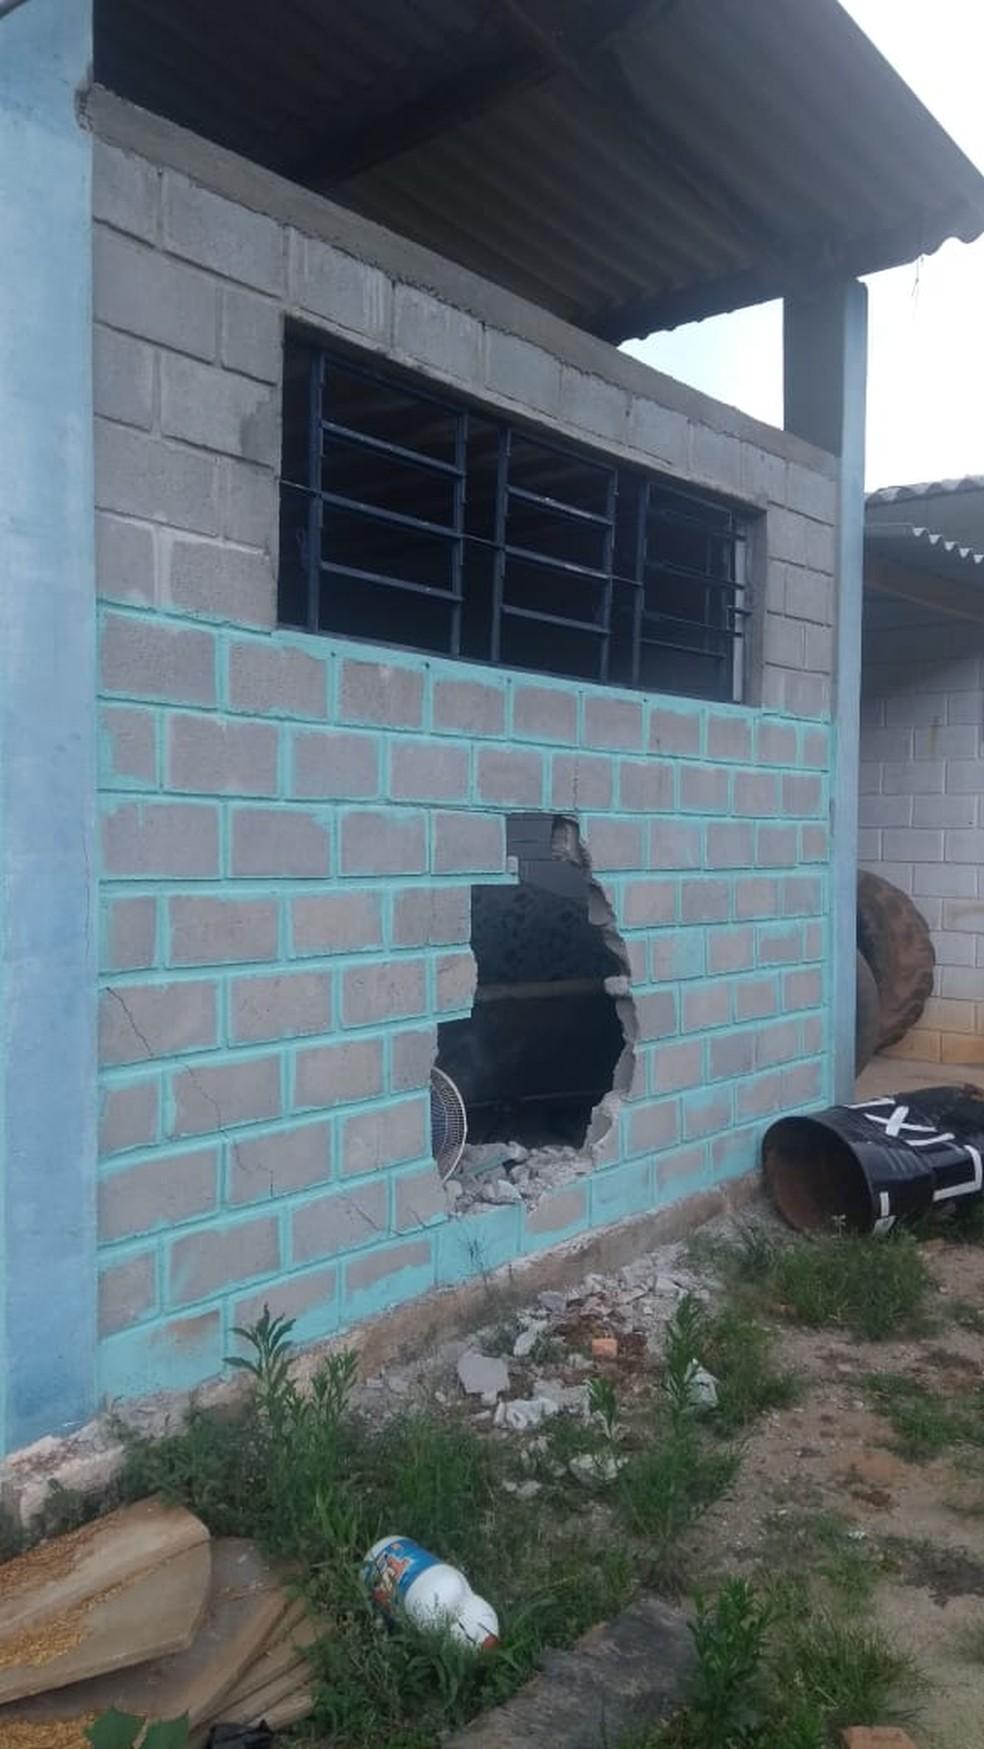 Parede da garagem foi quebrada pelos criminosos — Foto: Divulgação/Prefeitura de Jambeiro